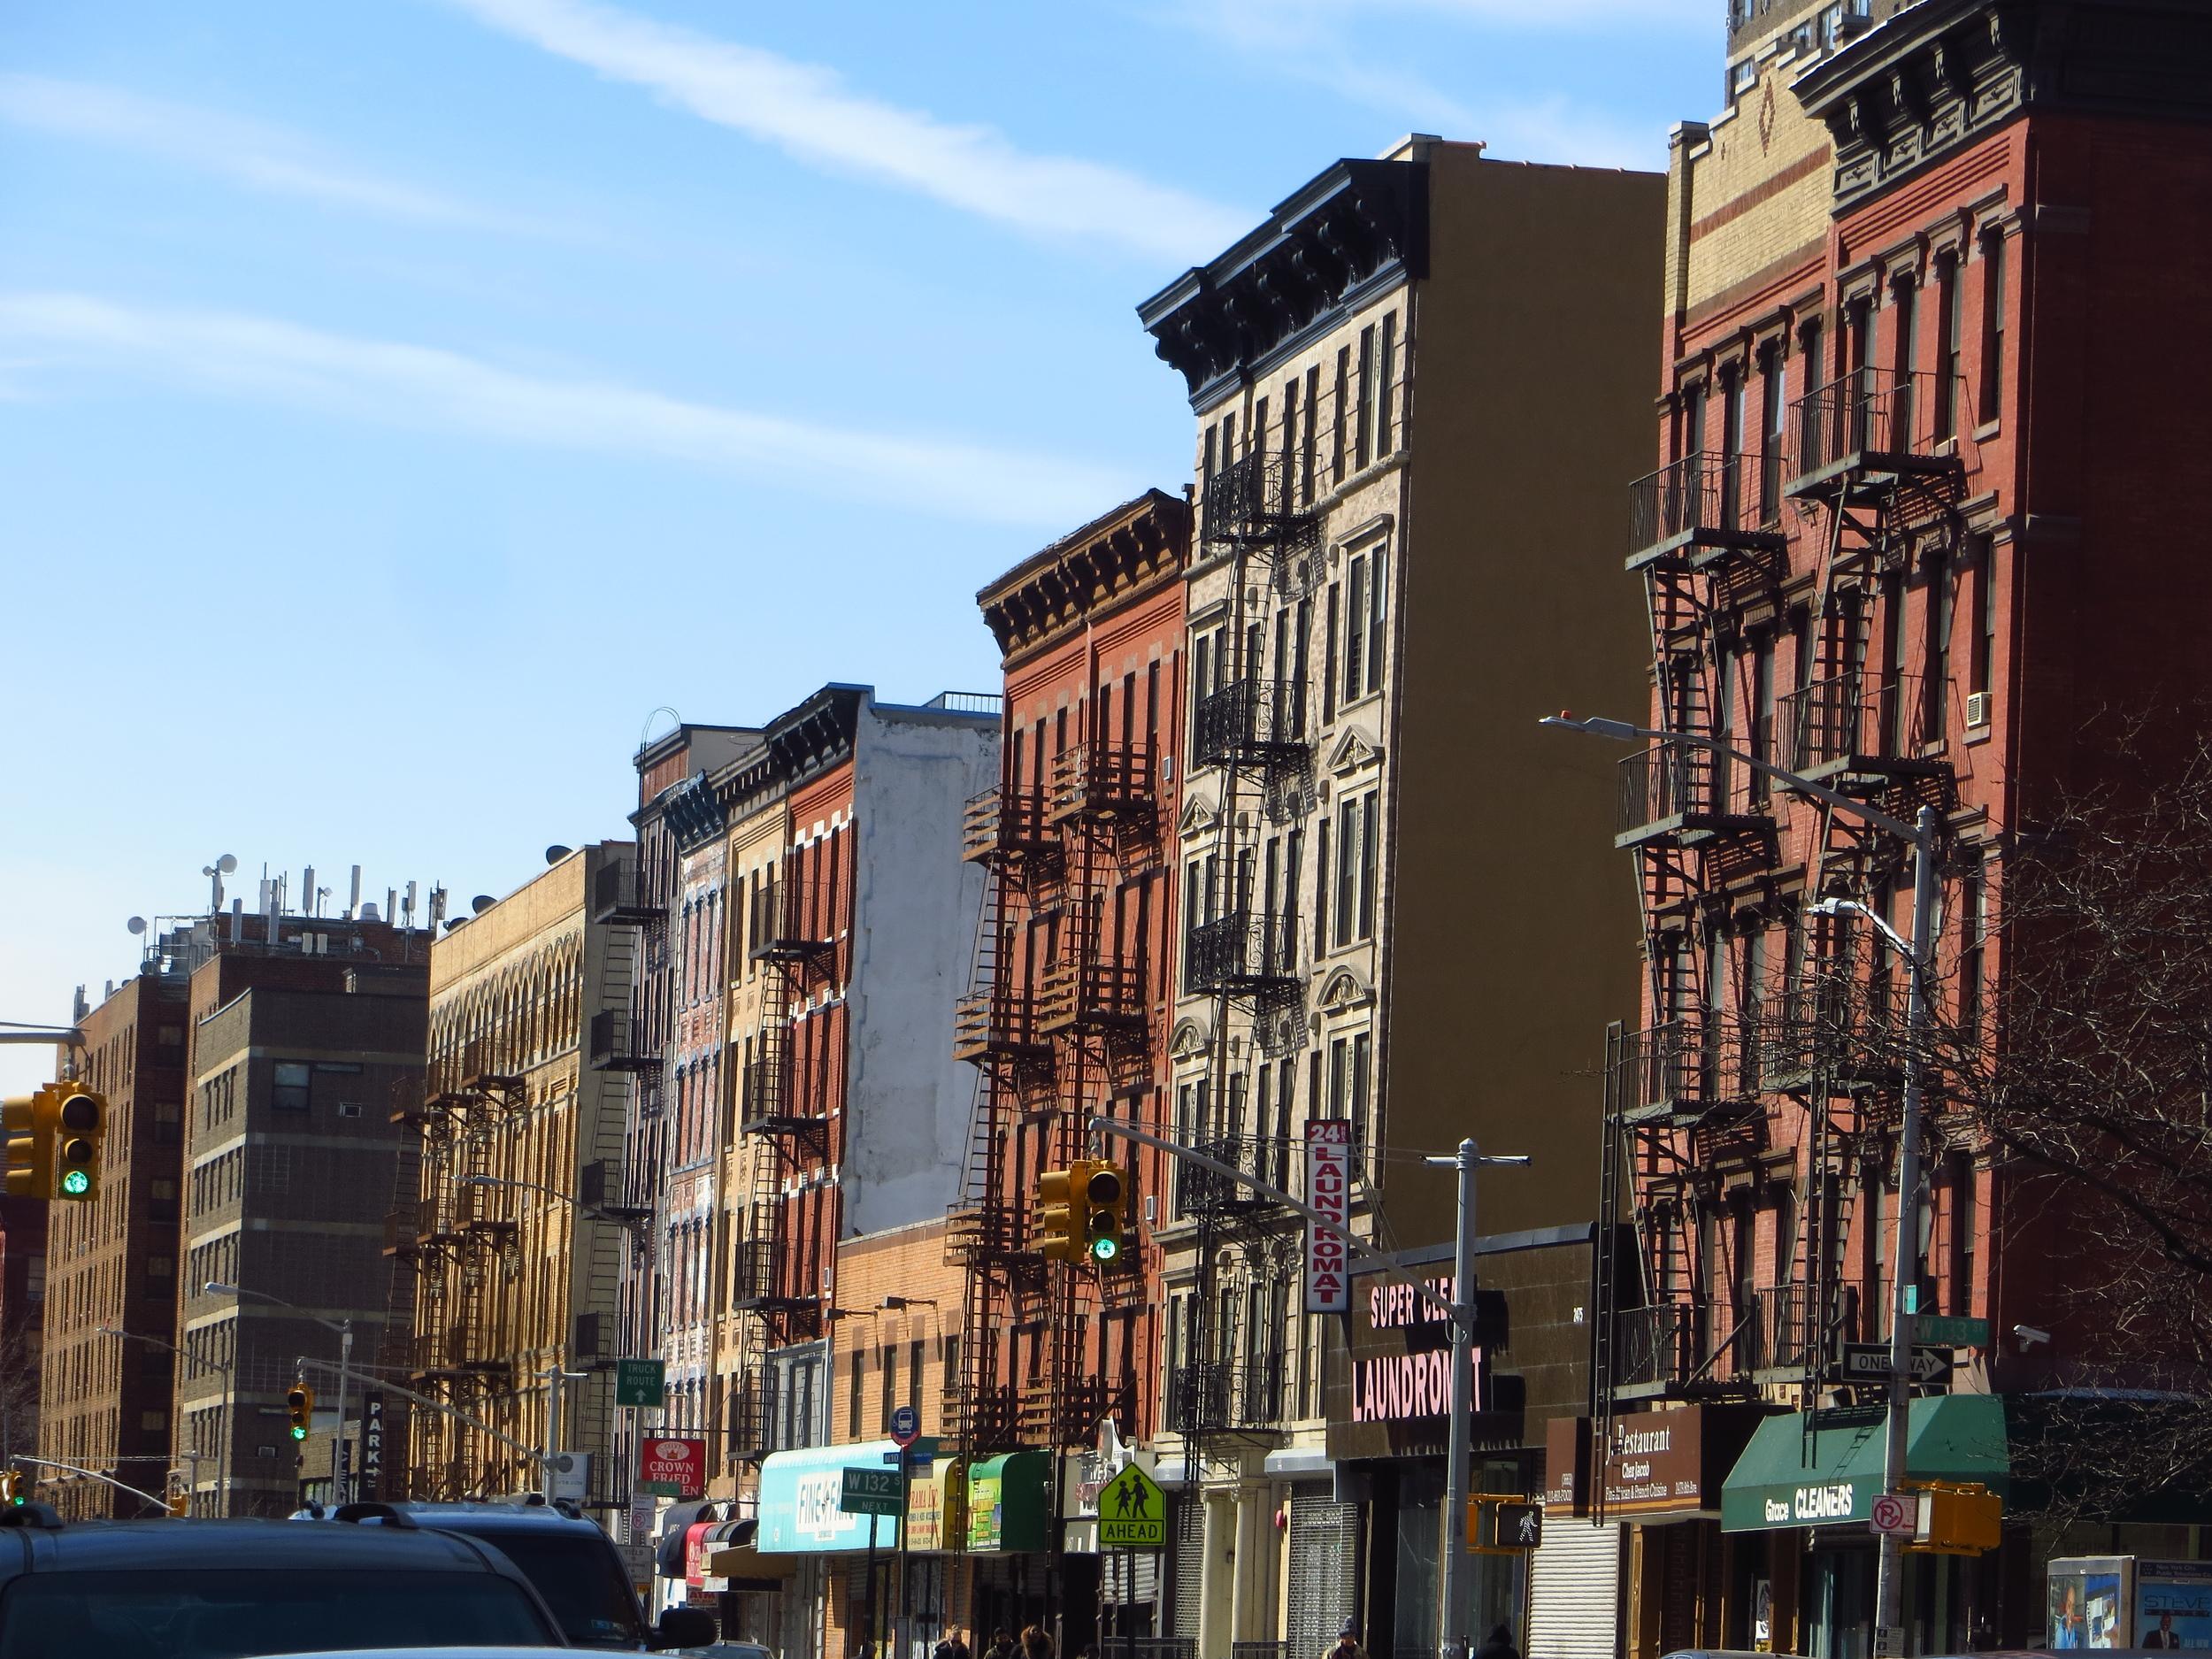 View down Frederick Douglass Blvd.